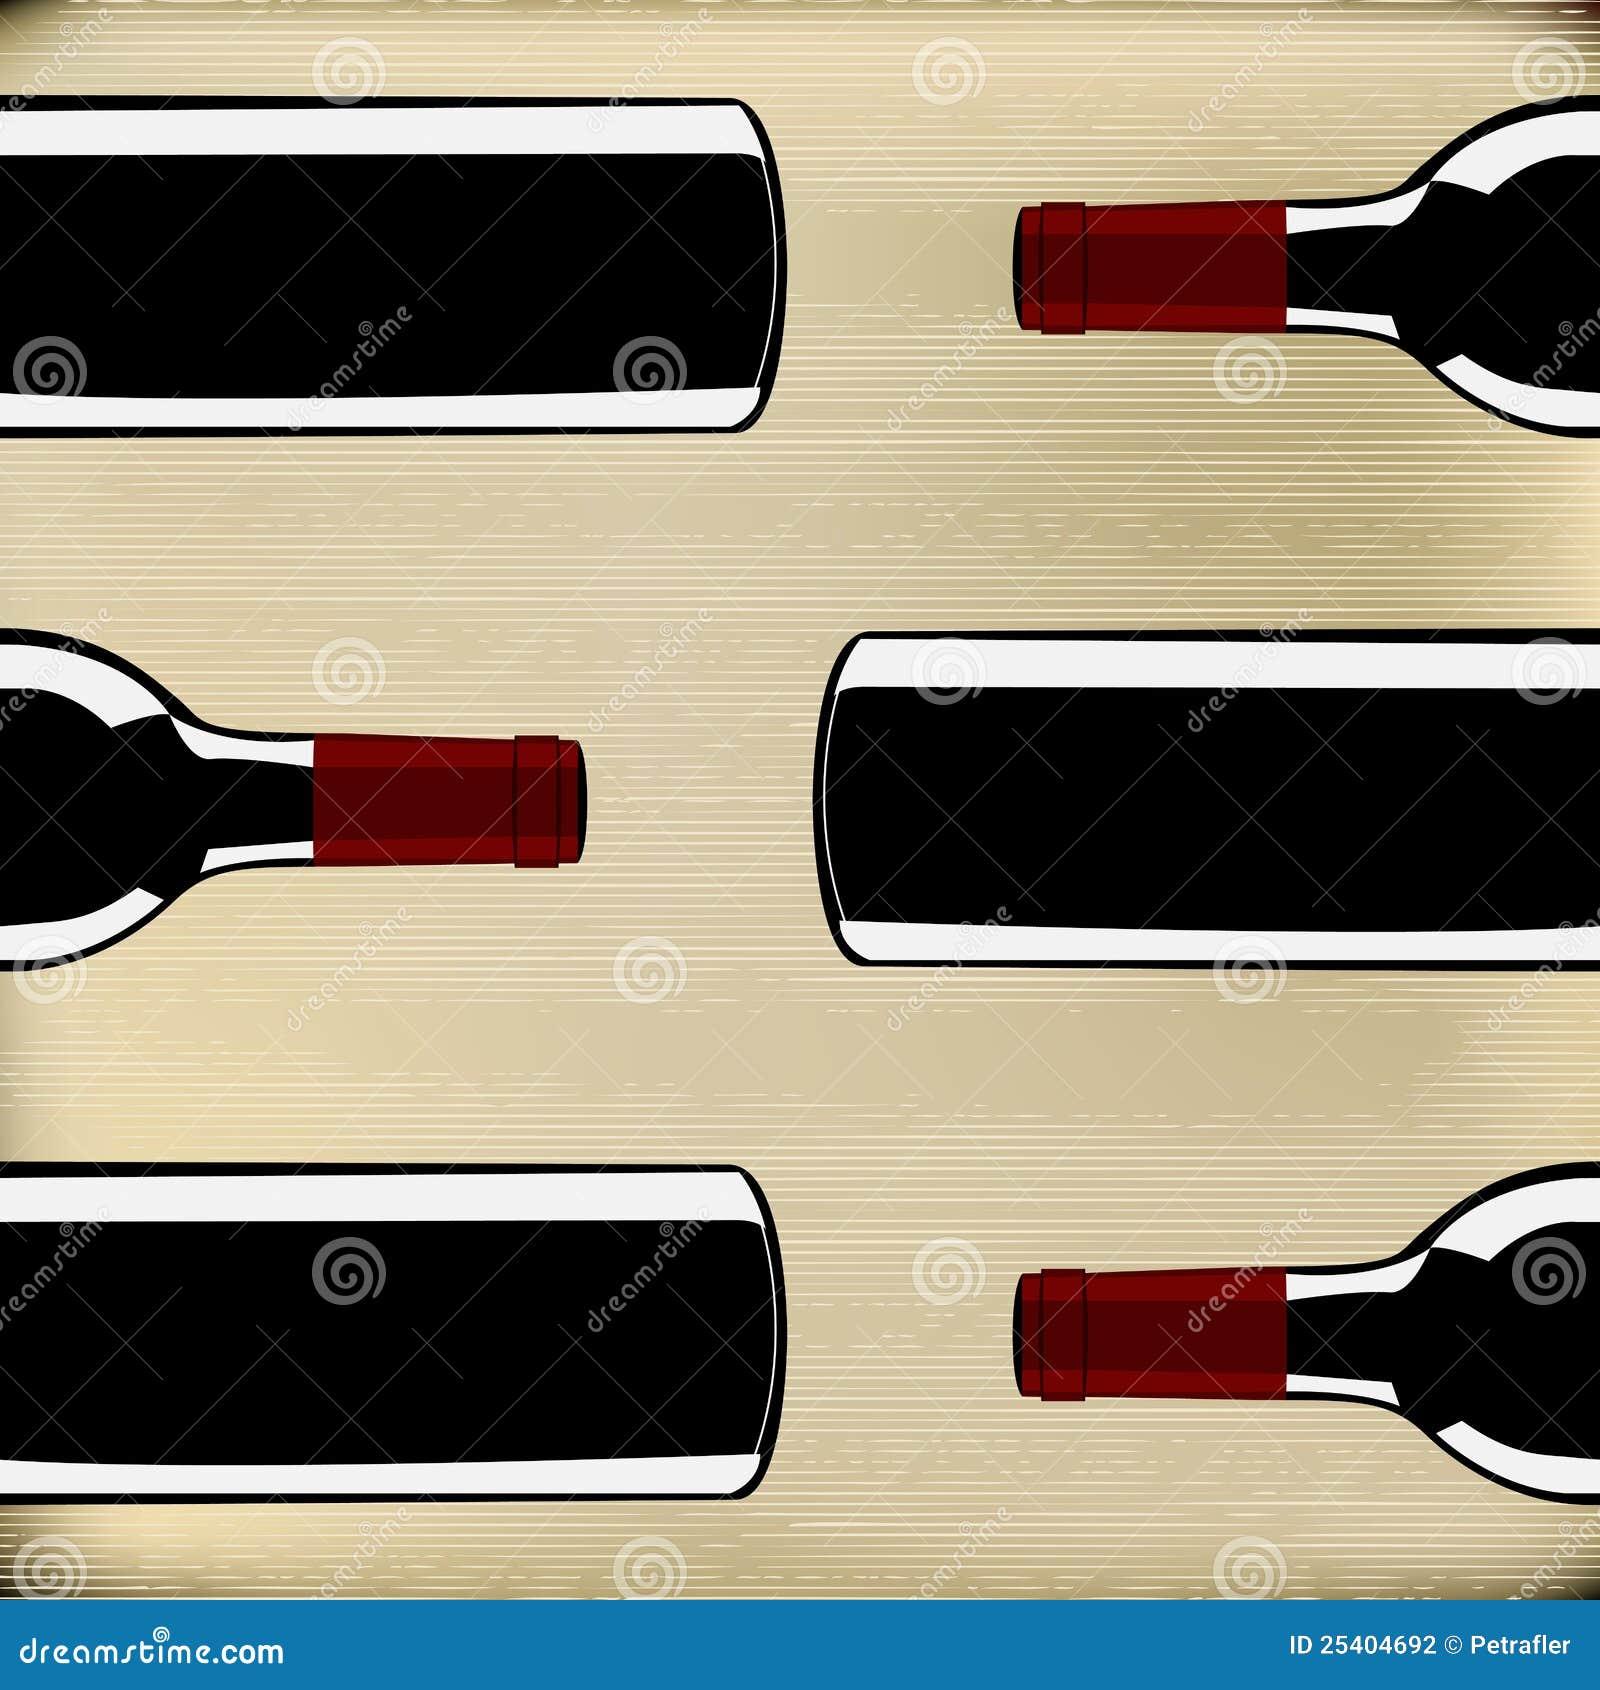 Wein-Menü-Schablone vektor abbildung. Illustration von kochen - 25404692